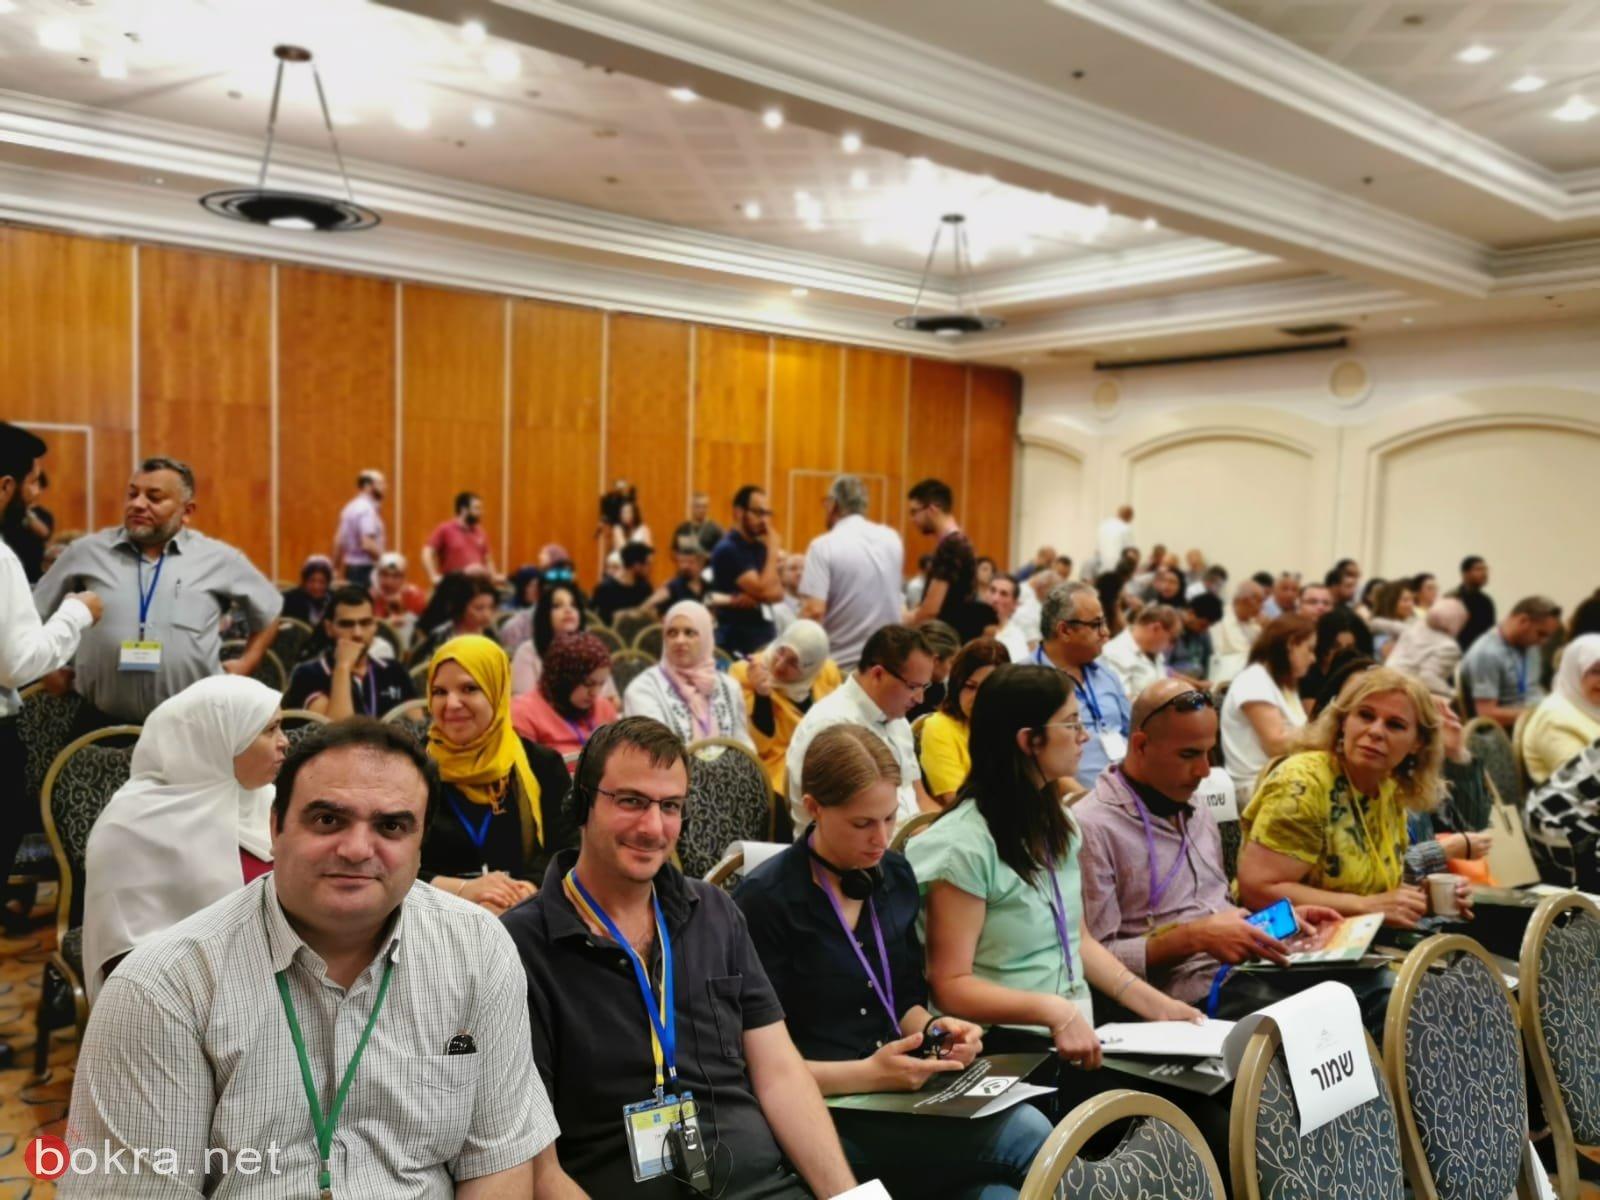 جمعية الجليل تطالب الحكومة اتخاذ قرار سياسي بتبني خطة حكومية شاملة لمواجهة العنف في المجتمع العر بي